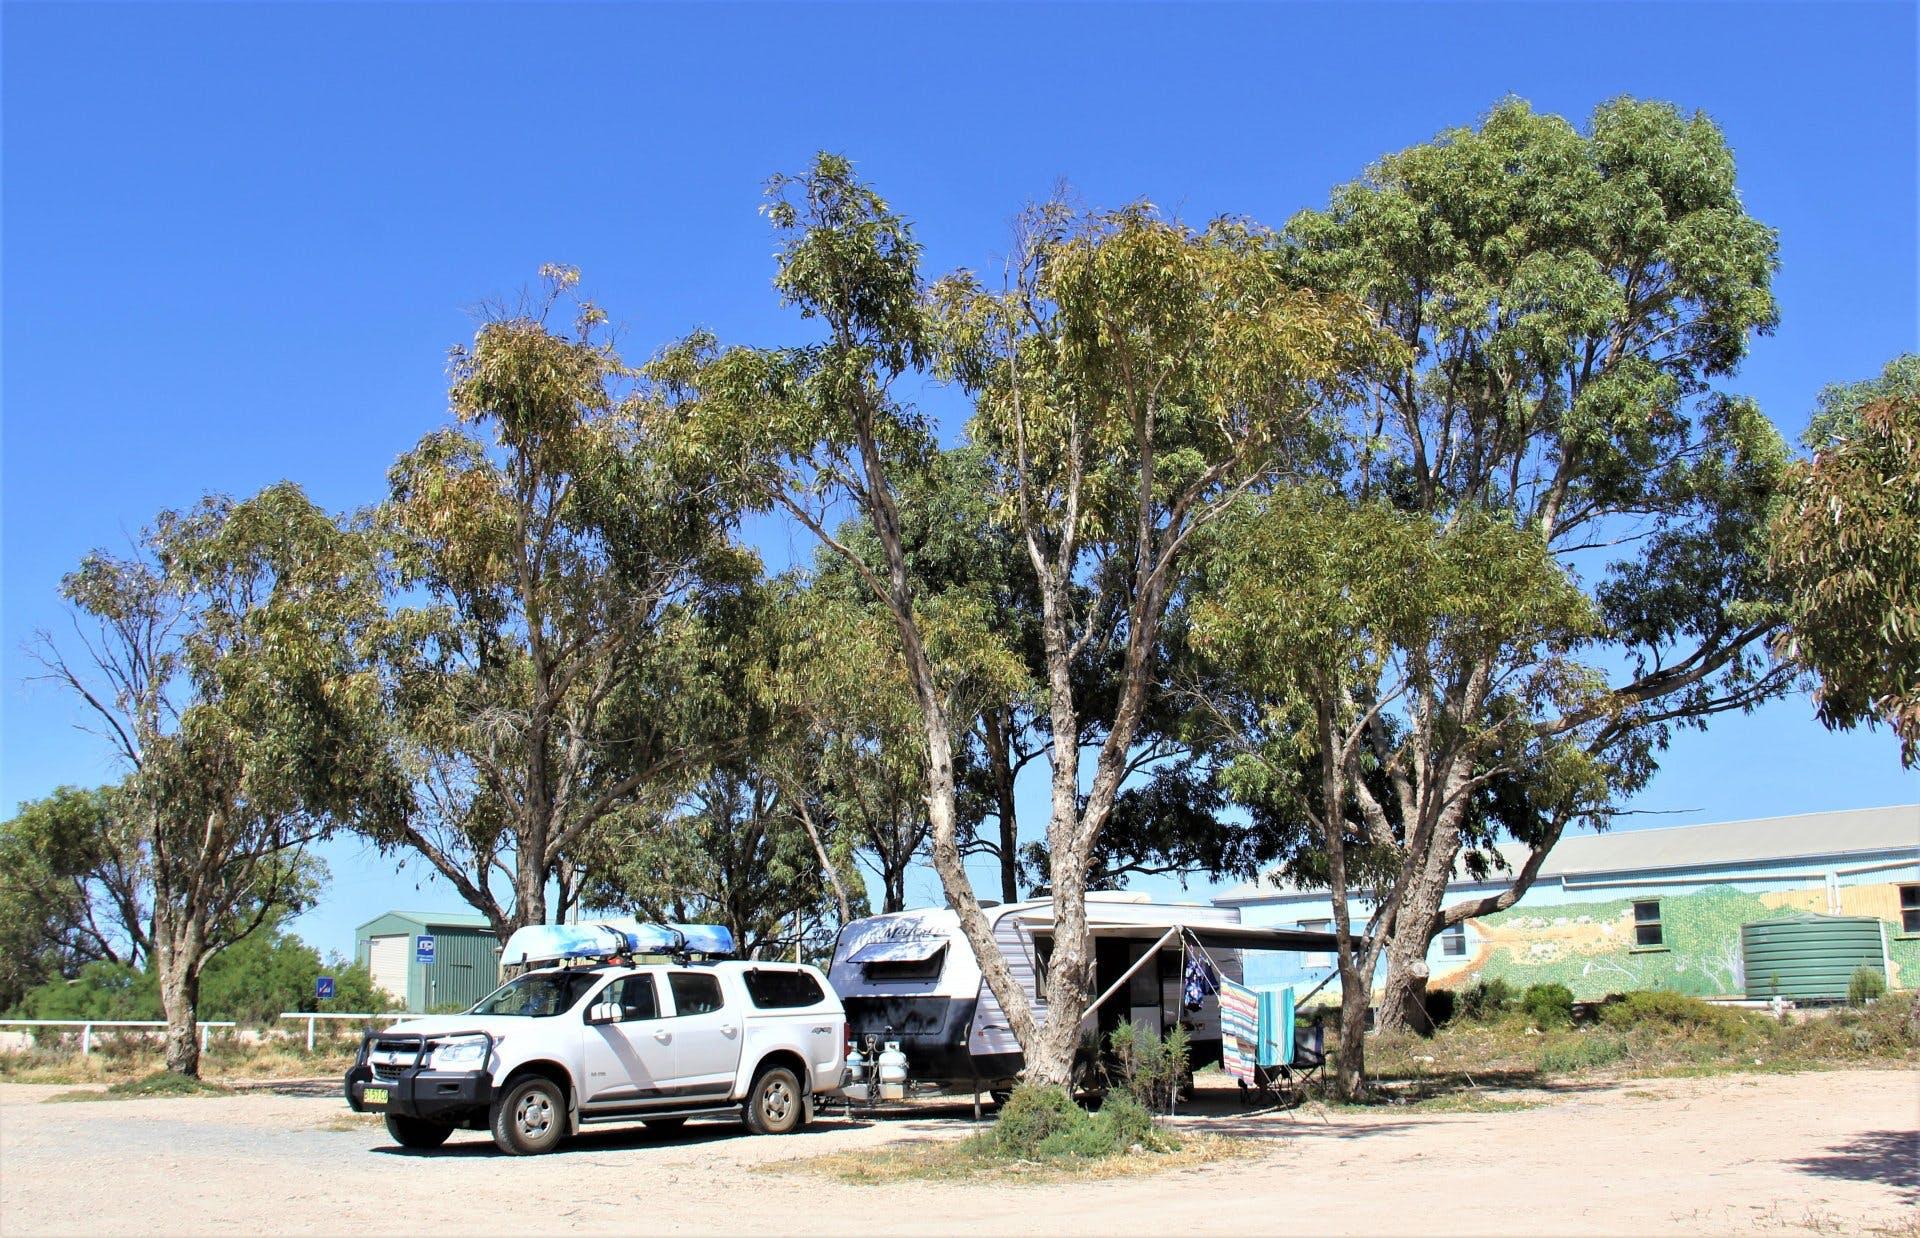 Haslam SA - Our camp